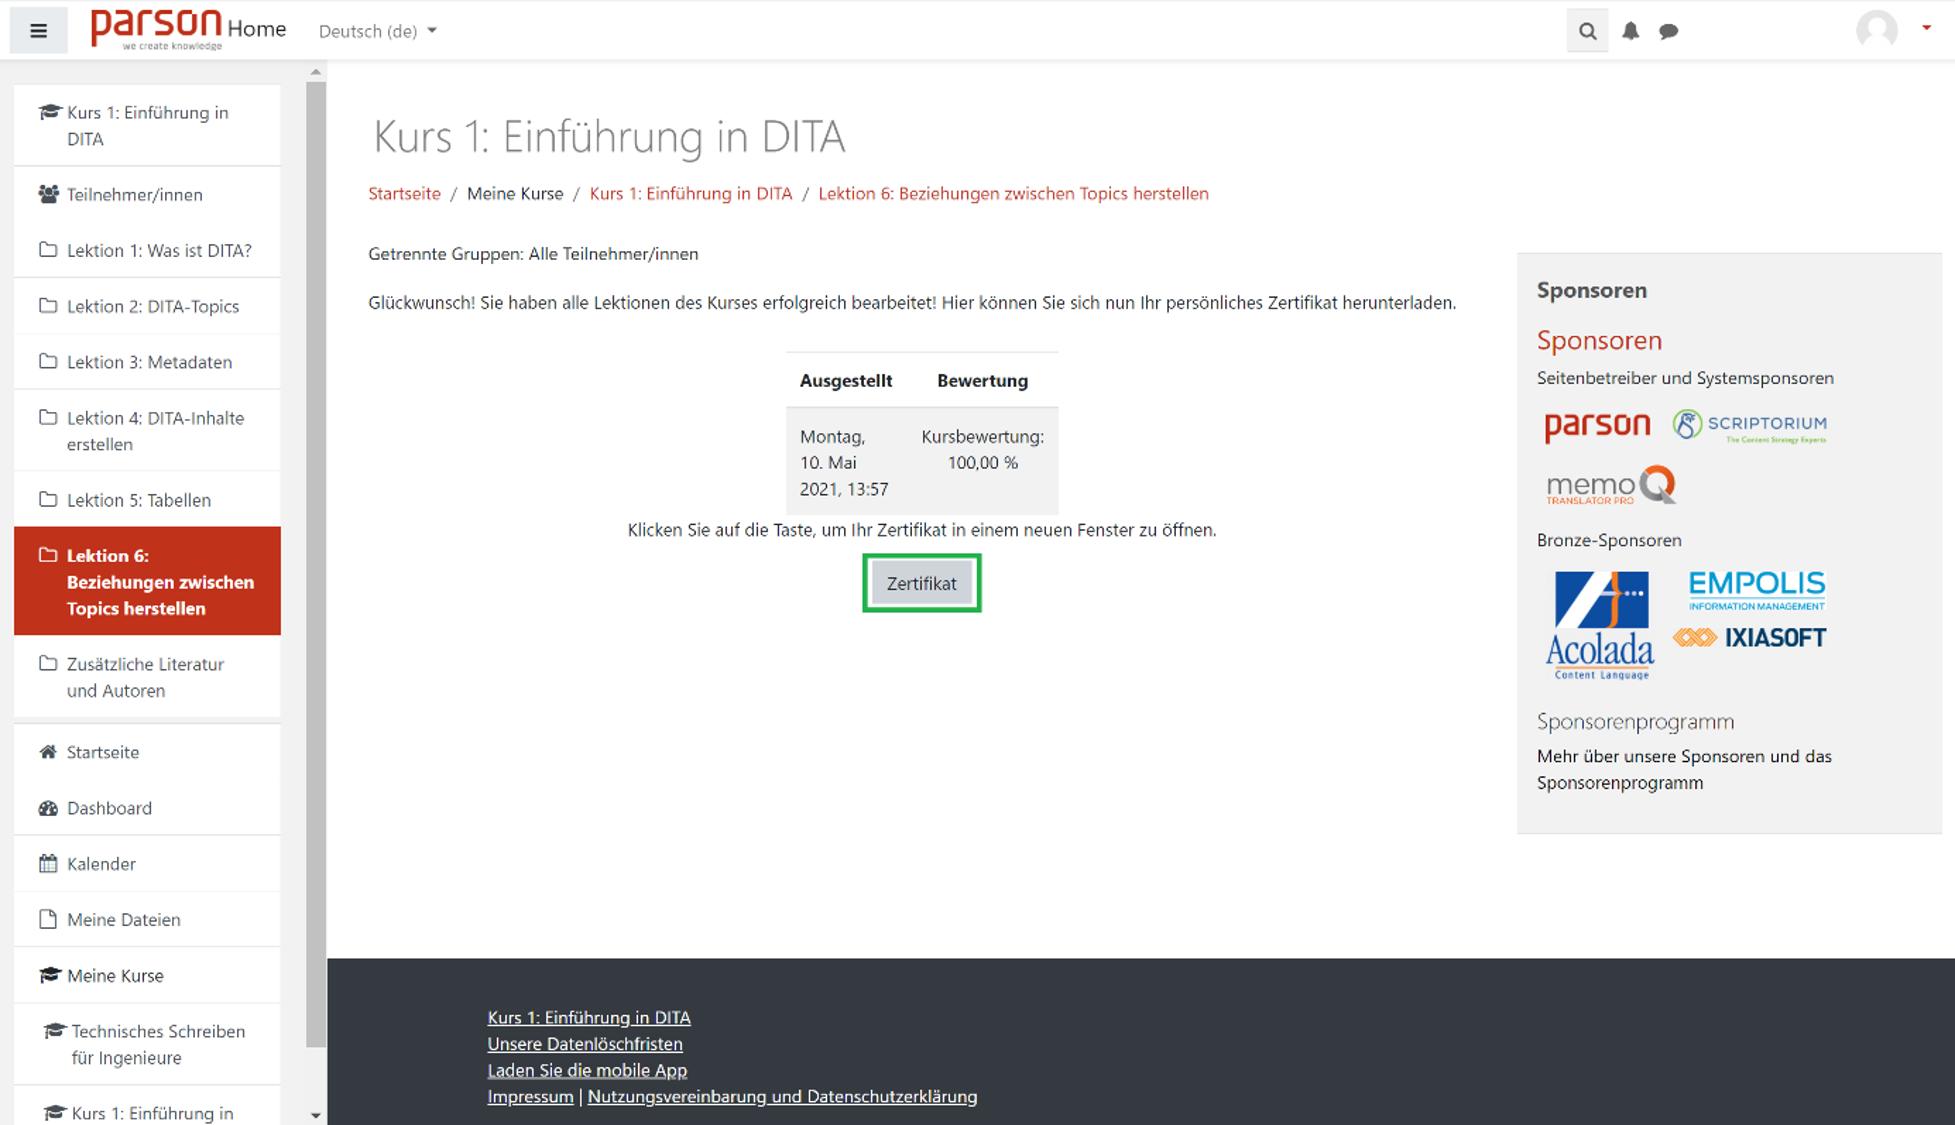 Wie kann ich mir ein Zertifikat ausstellen lassen2 - Zertifikat Zusammenfassung